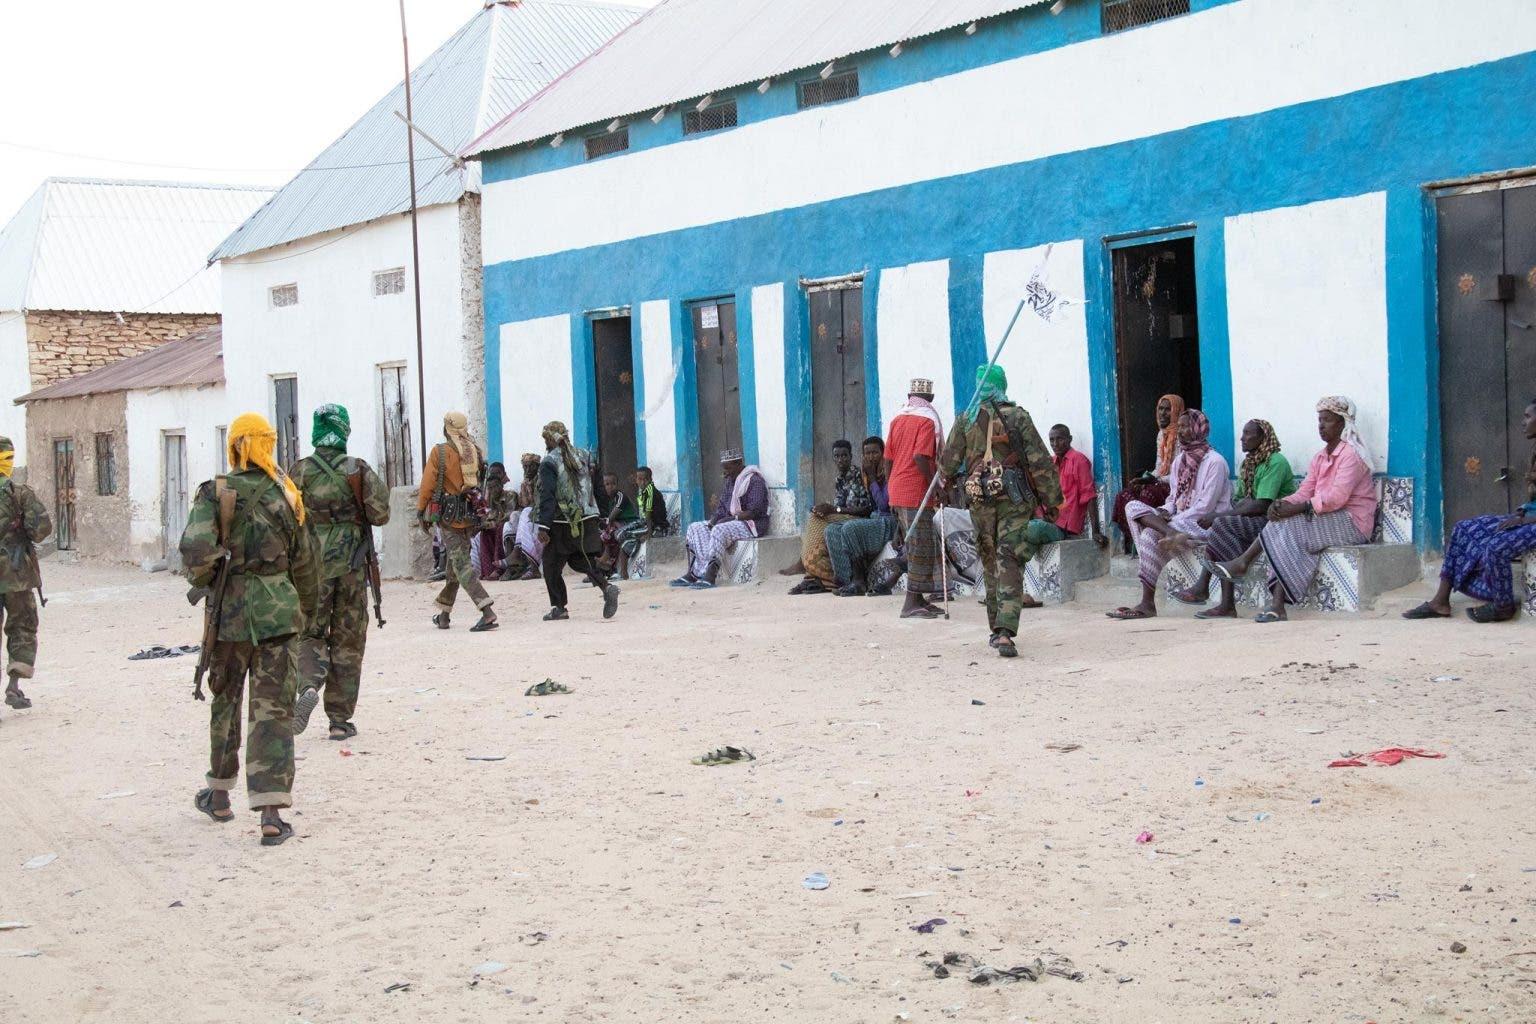 Al-Shabaab oo war kasoo saaray dagaalkii Bacaadweyn, soona bandhigay sawirro